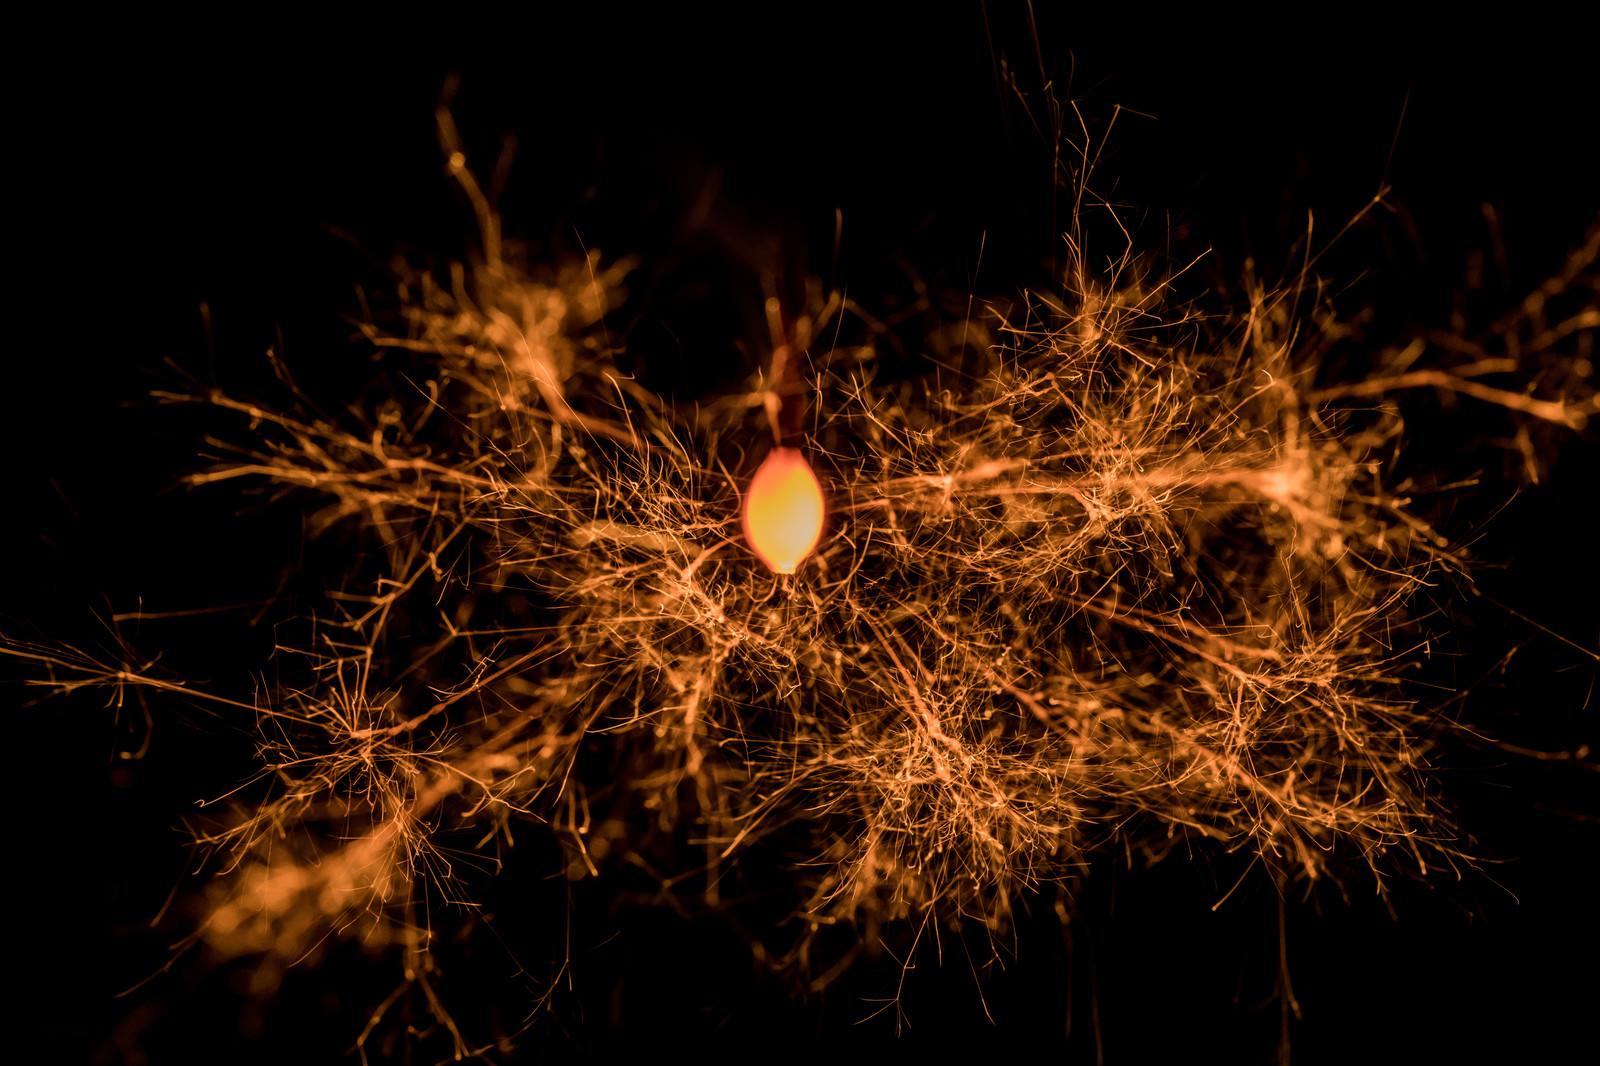 「龍脈のような飛び散る火花」の写真